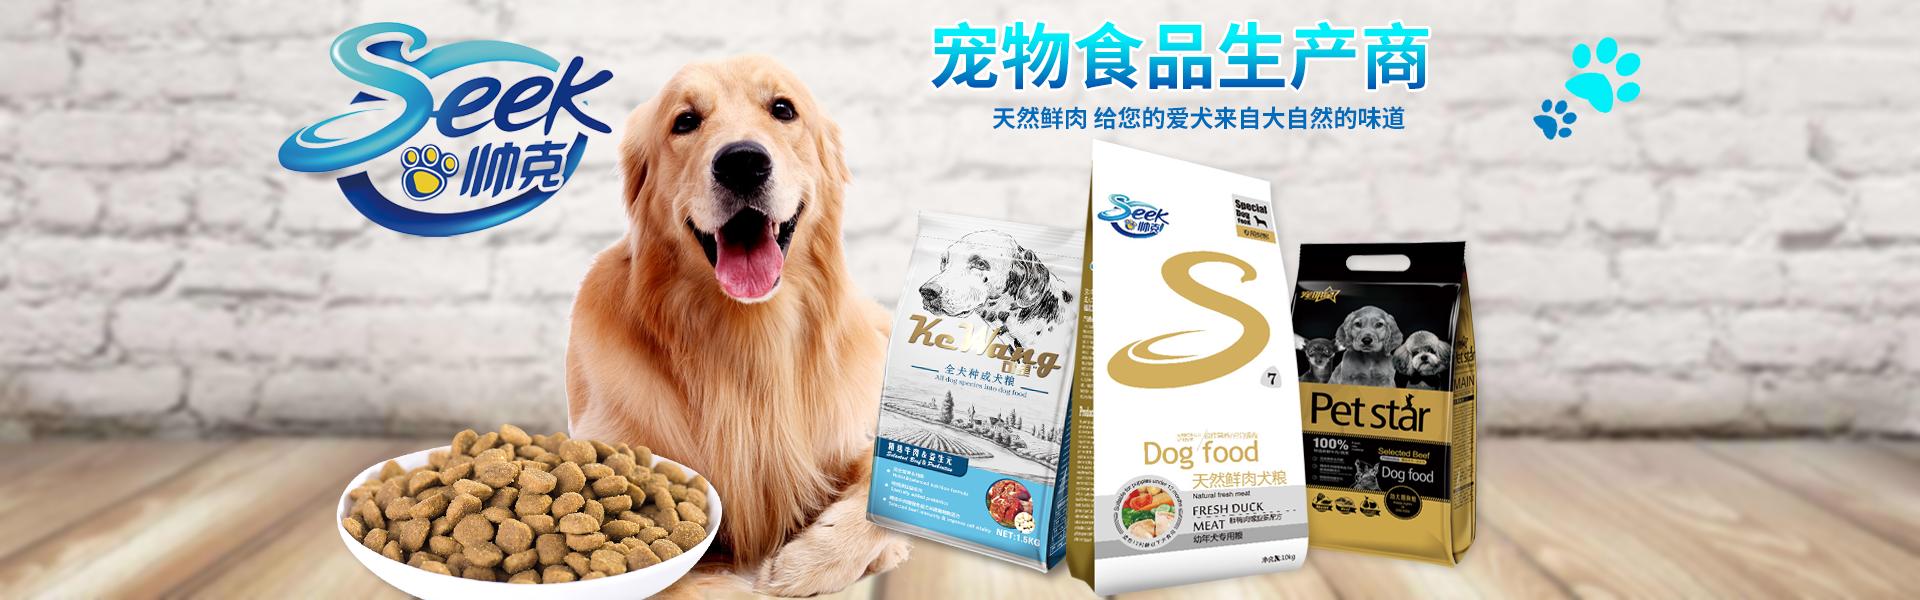 狗糧OEM代工,貓糧OEM代工,狗糧貓糧批發,寵物食品廠家